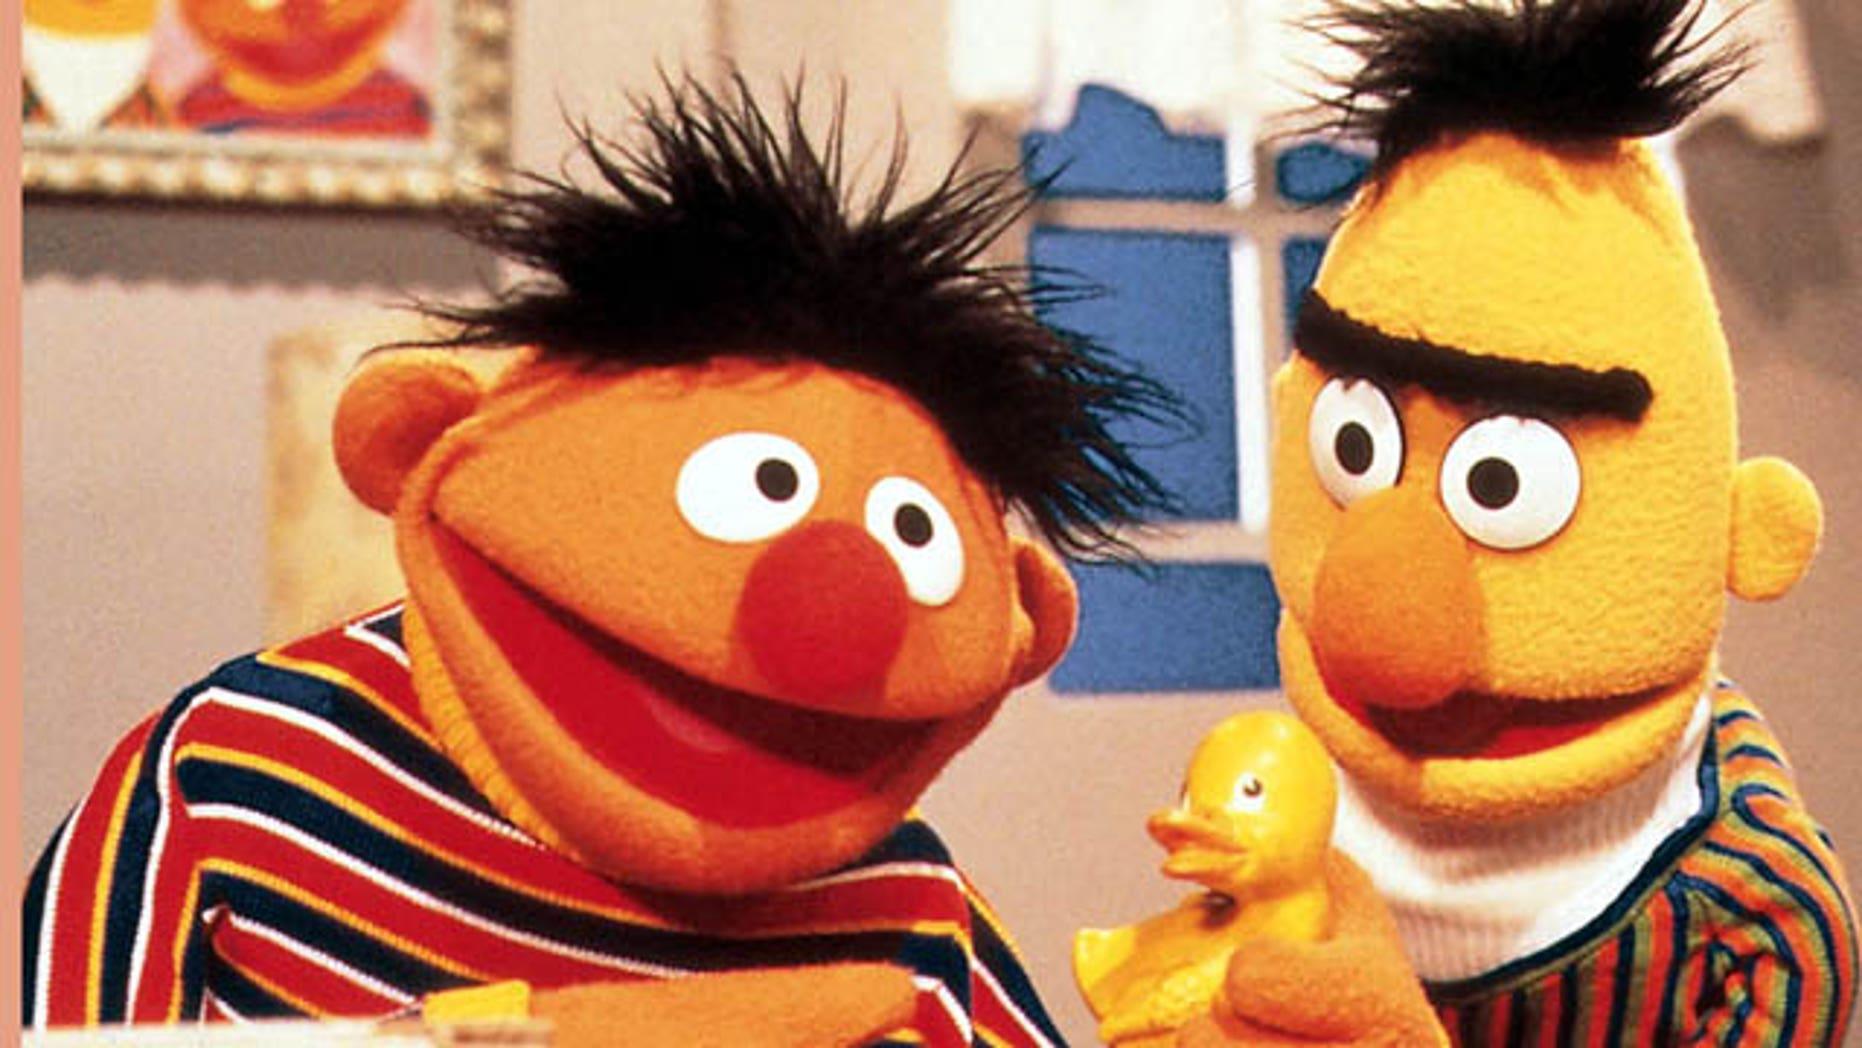 'Sesame Street' puppets Bert and Ernie